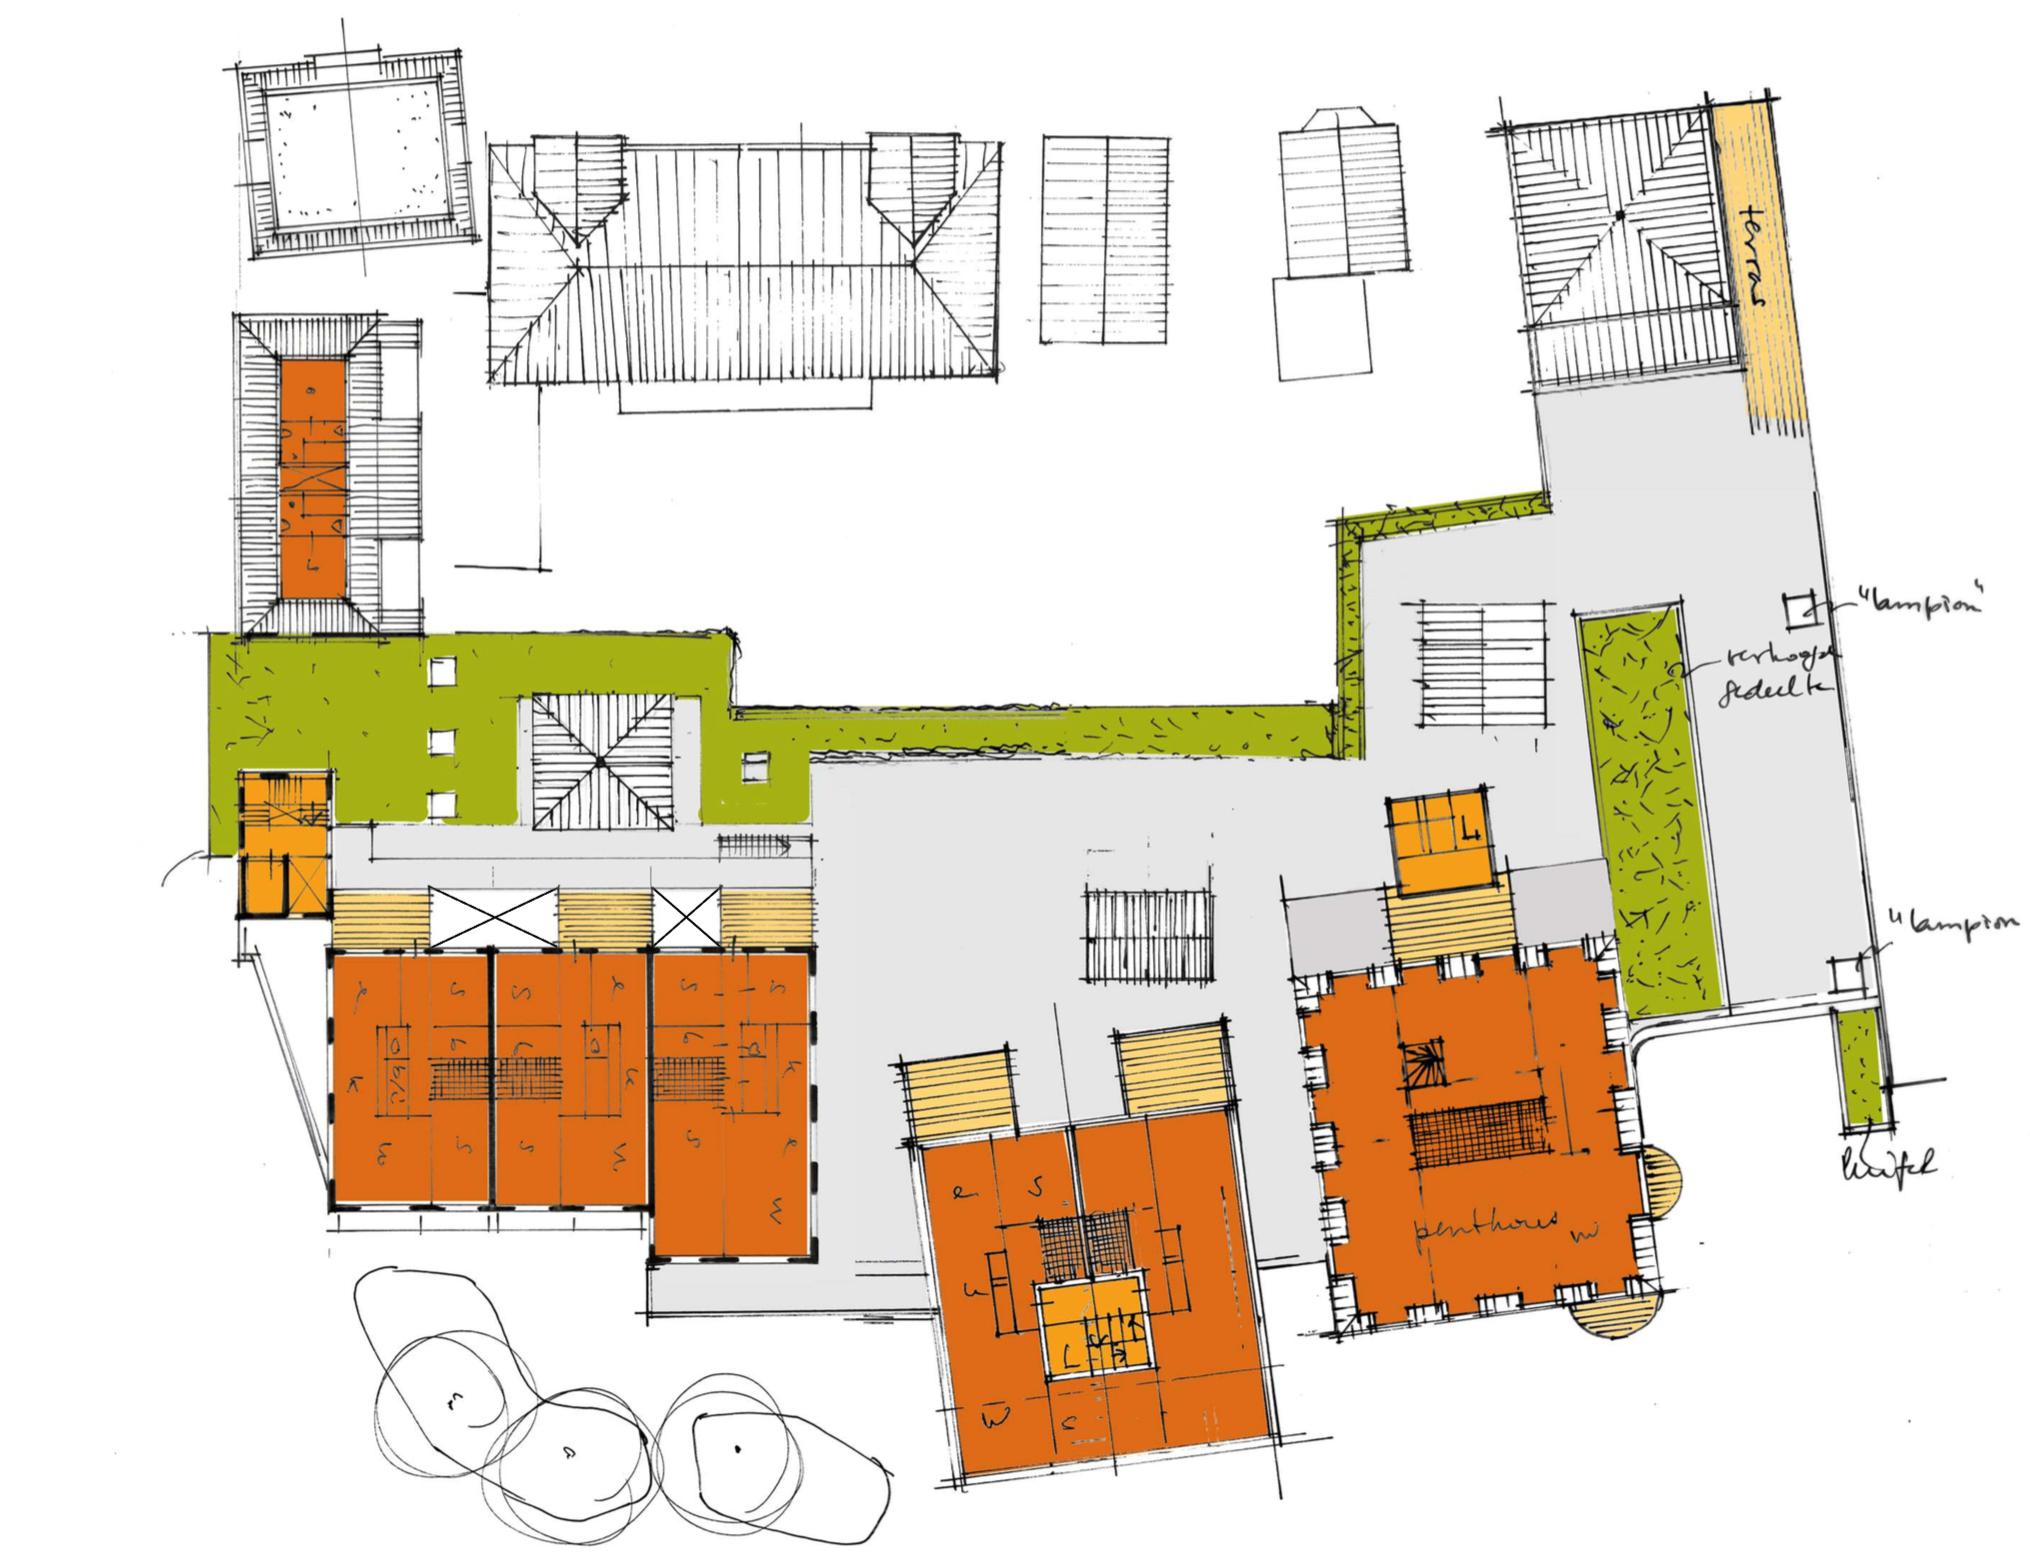 Plattegrond De zevendorpelingen 2e verdieping